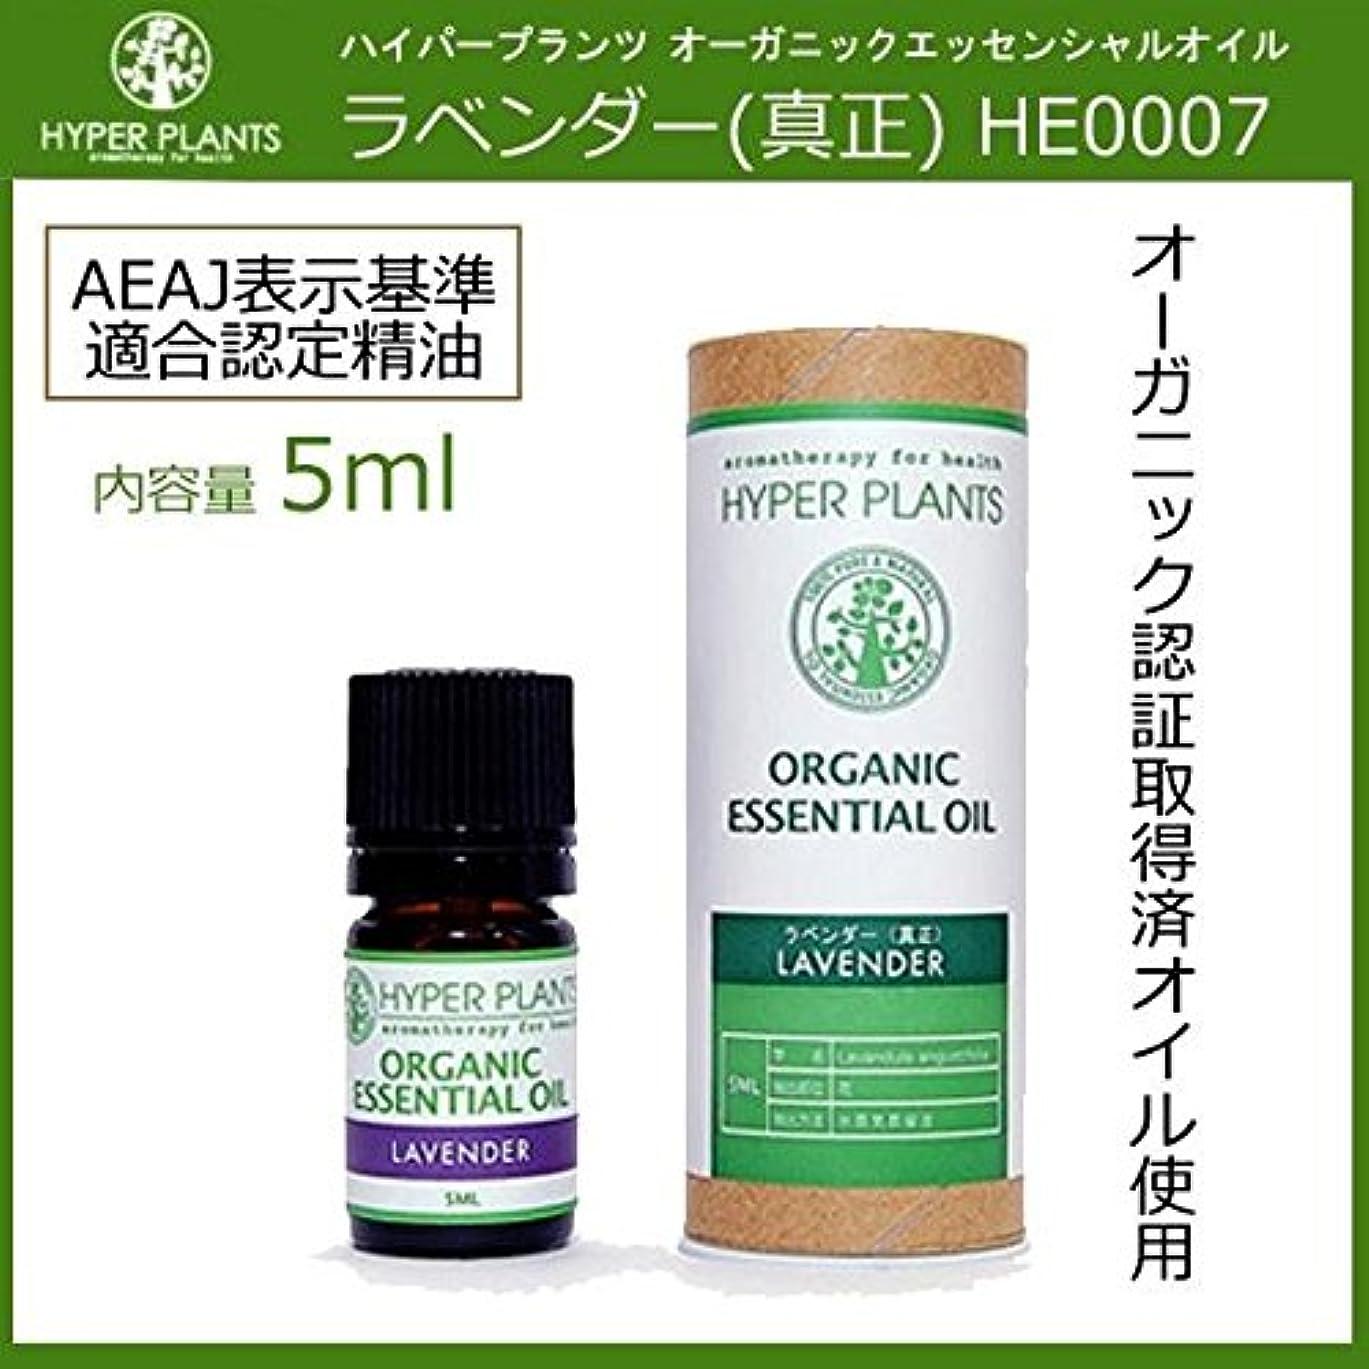 スクラップ資料指定HYPER PLANTS ハイパープランツ オーガニックエッセンシャルオイル ラベンダー(真正) 5ml HE0007